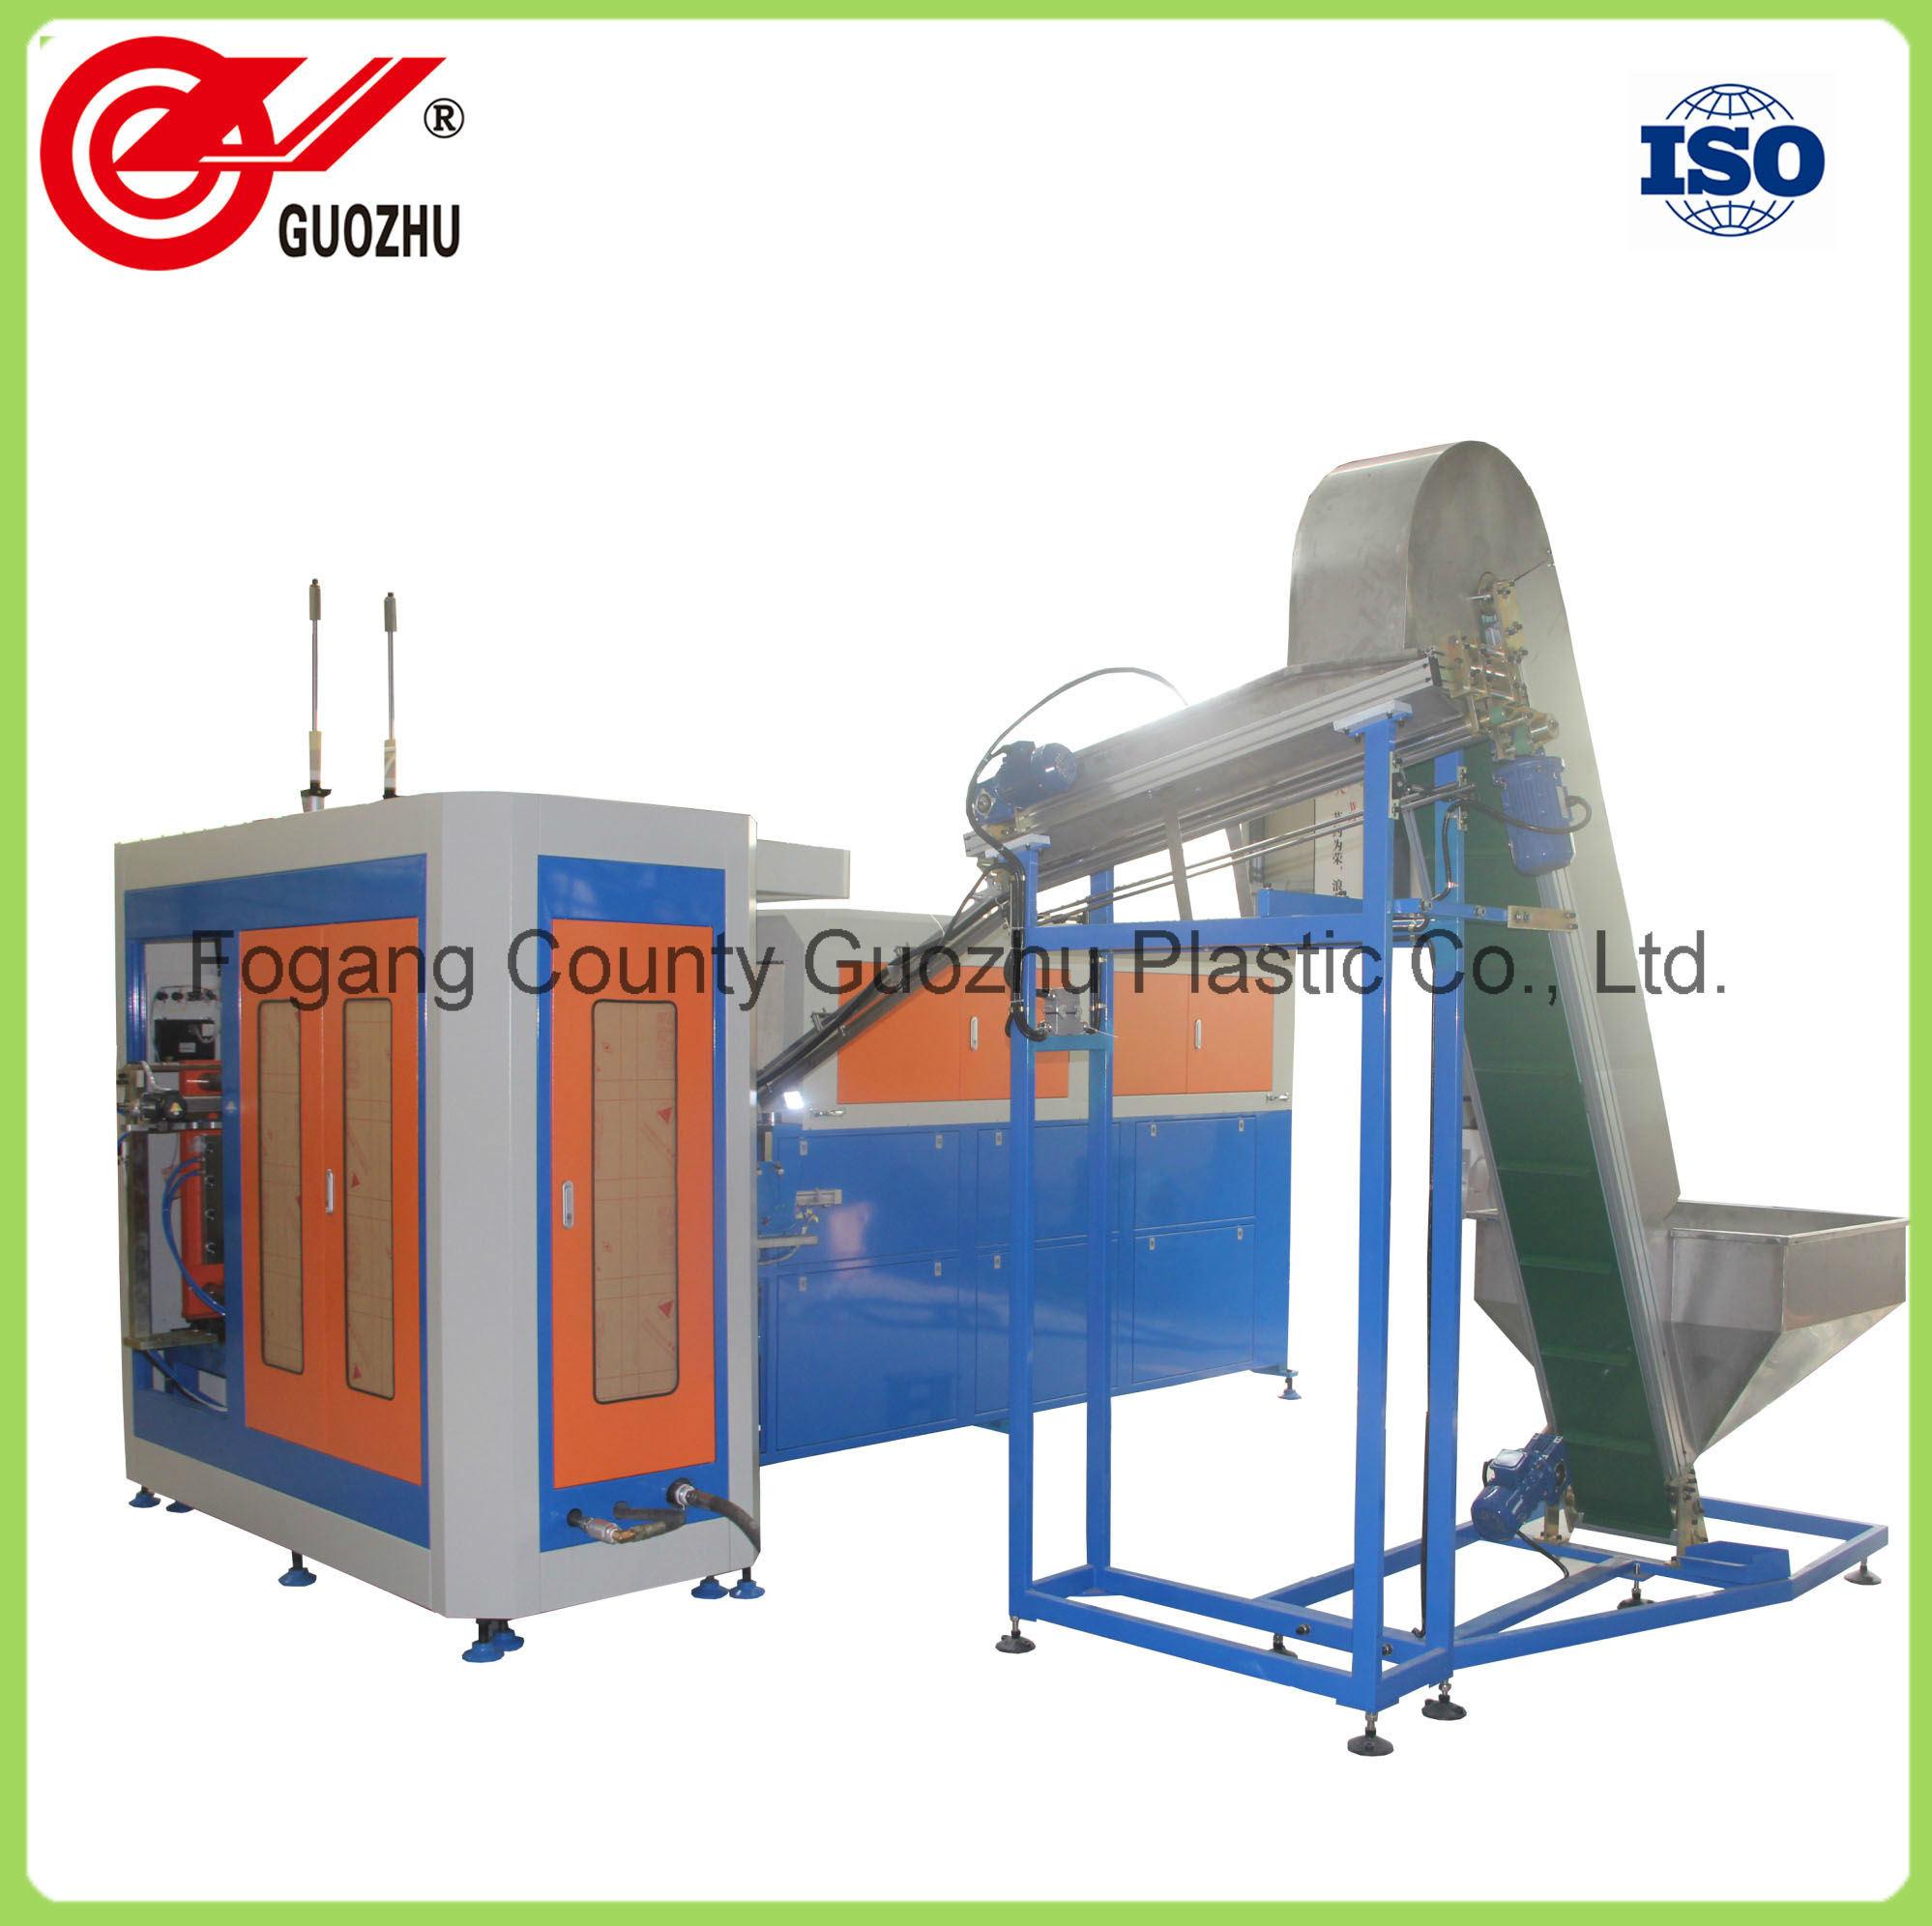 Plastic 10 to 20L Bottle Making Blowing Machine (Guozhu) China